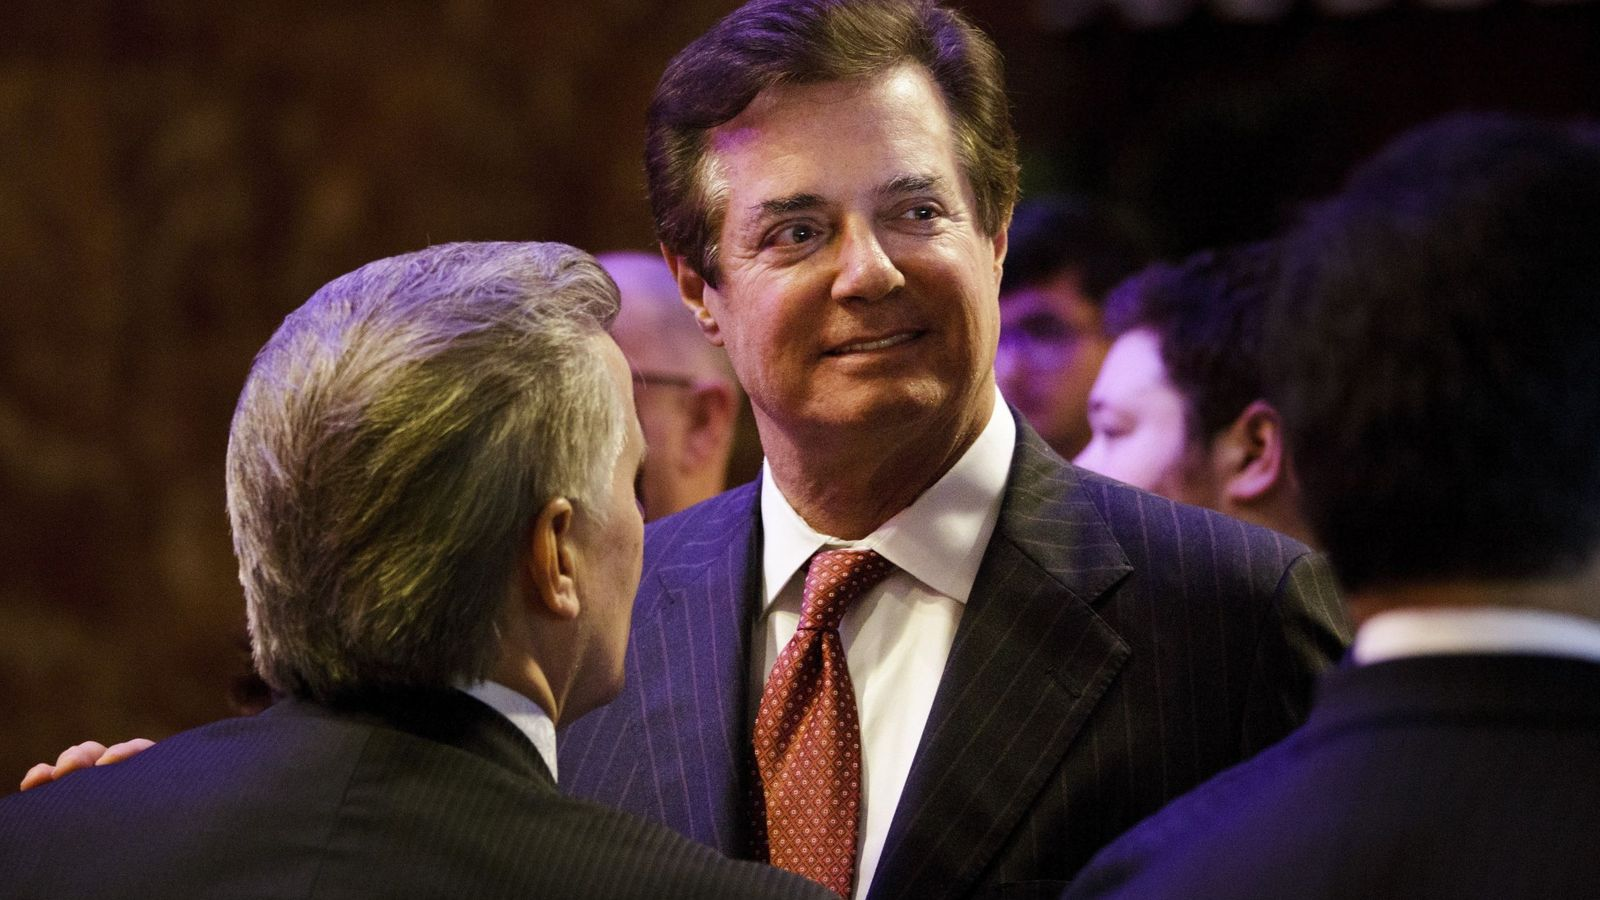 Foto: Fotografía de archivo del exjefe de campaña del presidente Donald Trump, Paul Manafort. (EFE)